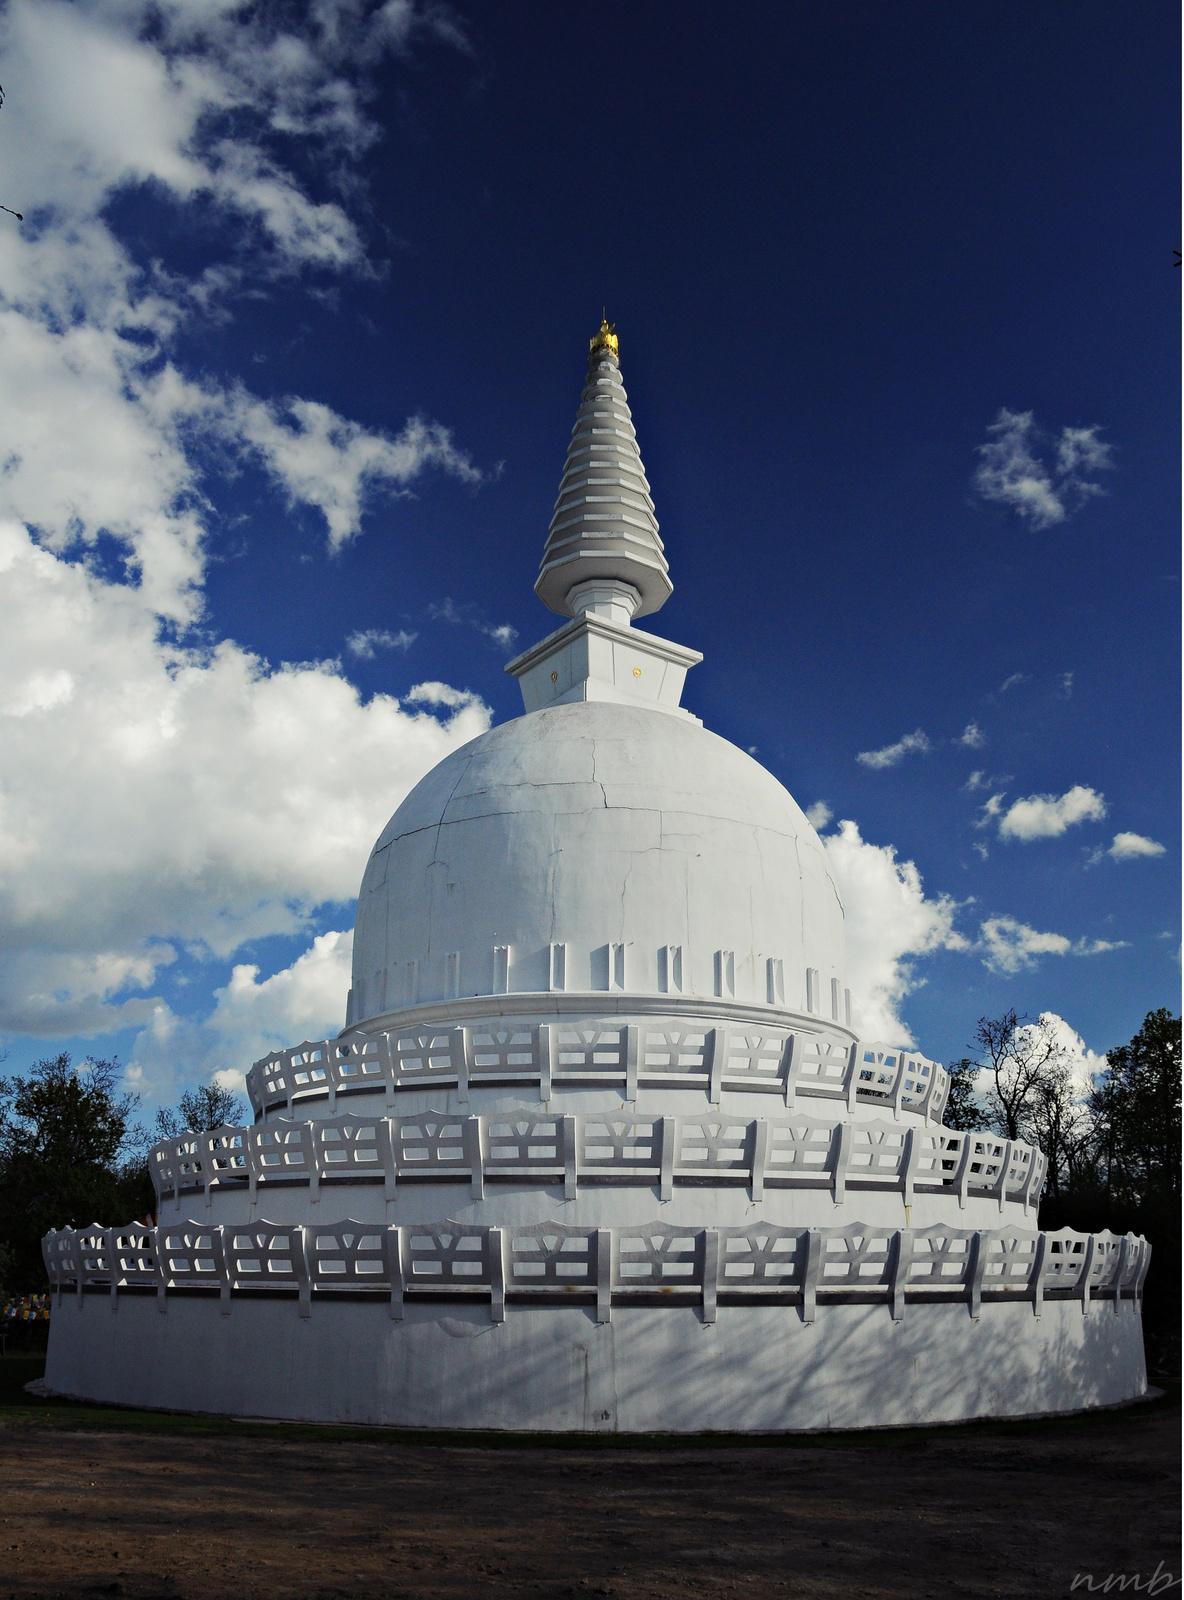 Nem természeti képződmény, de sokan gyógyító erejűnek vélik a zalaszántói sztúpát, melyet a 14. Dalai Láma avatott fel.